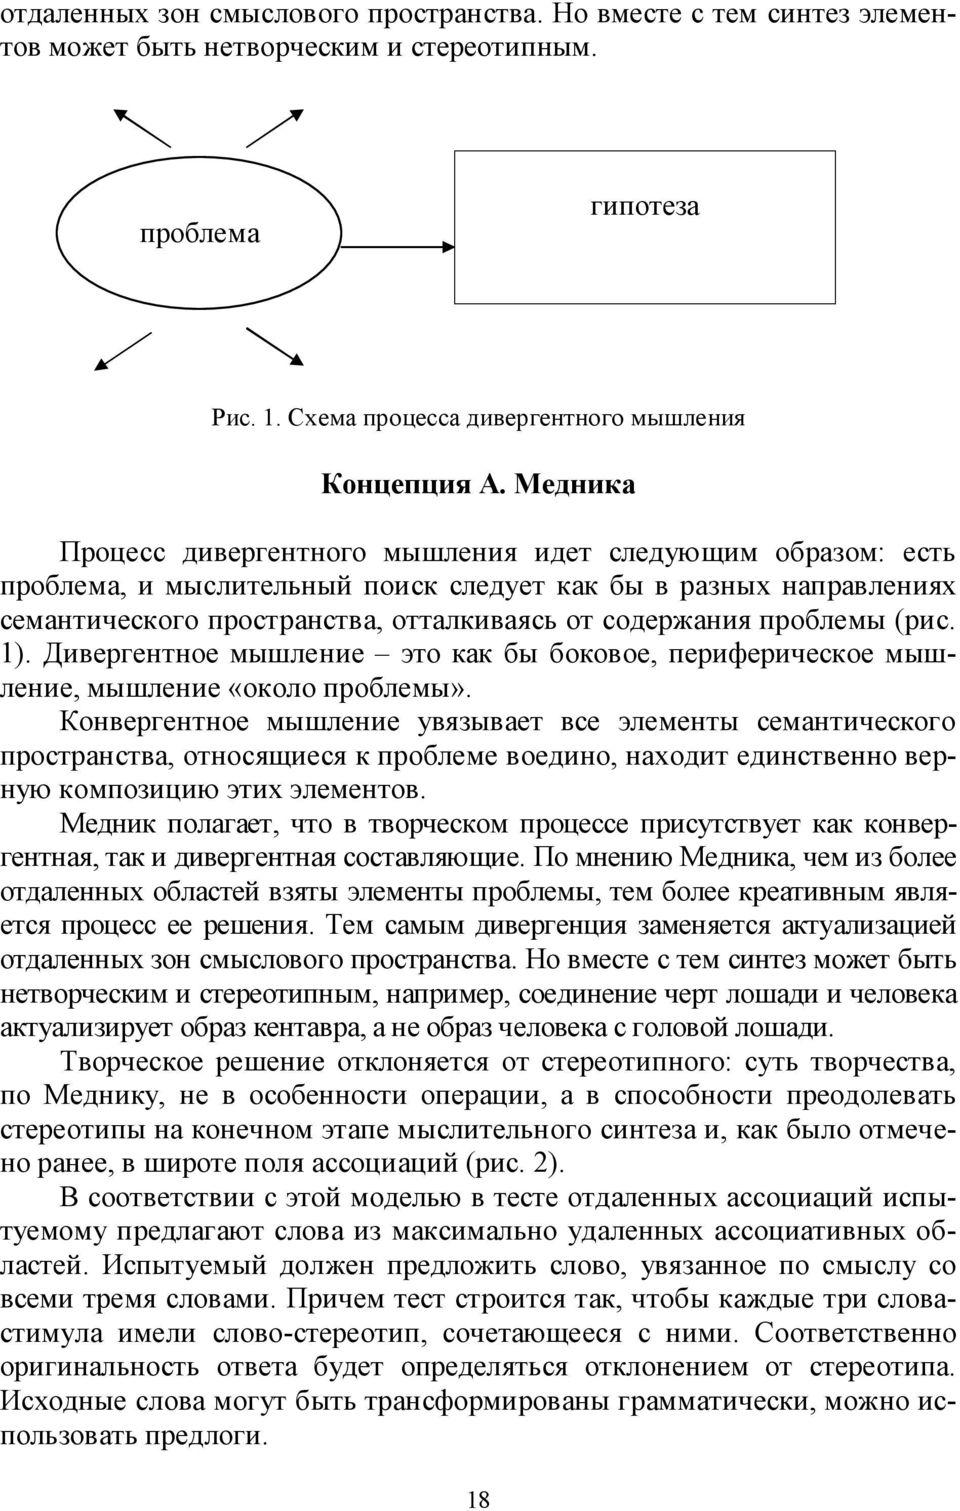 Диагностика структуры интеллекта (тест р. амтхауэра){сокращенный вариант теста разработан а. н. ворониным и с. д. бирюковым.}. психология общих способностей